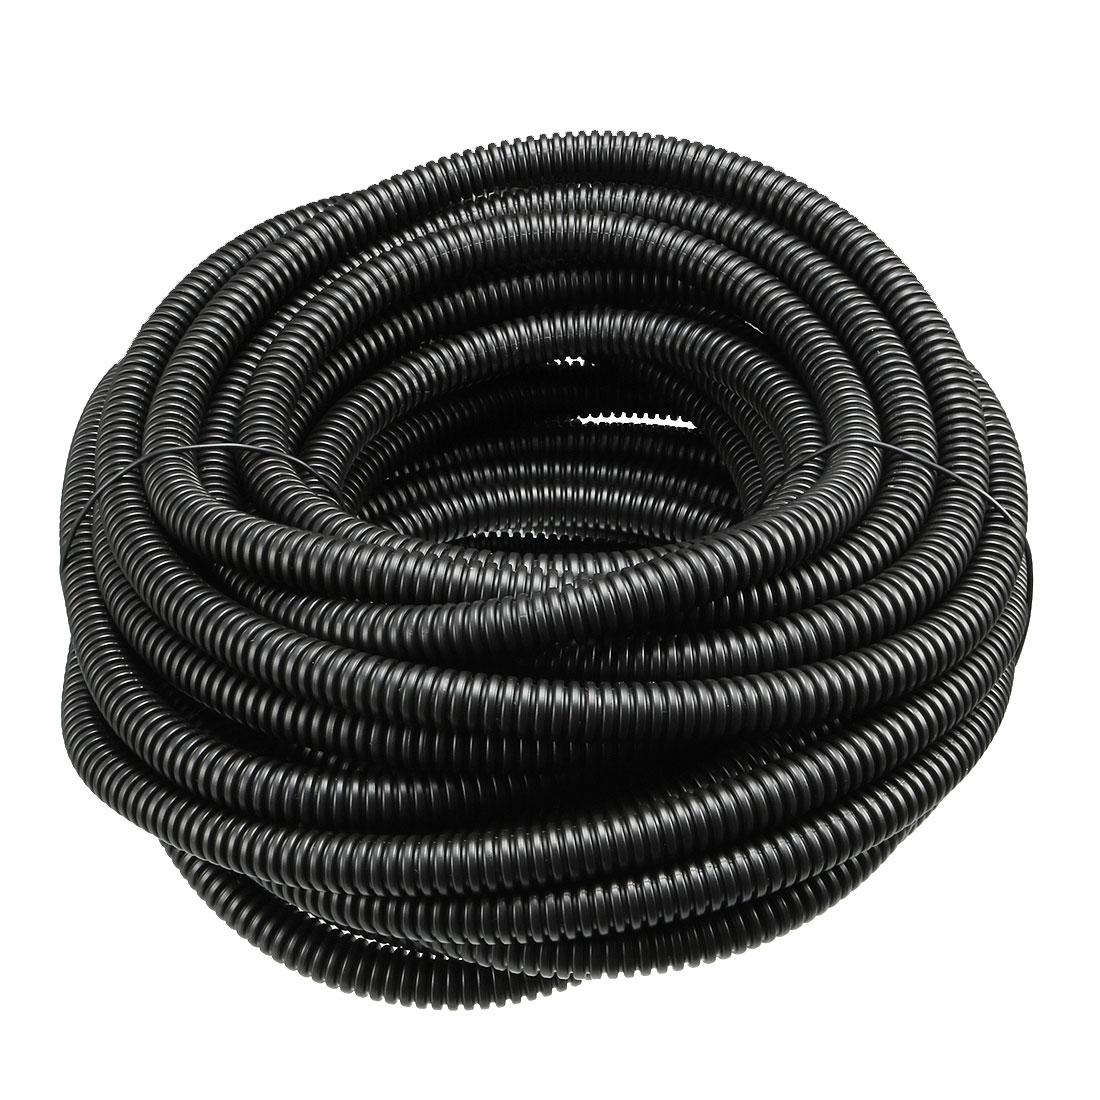 Uxcell Wellrohr Leitung PP Polyethylen Schläuche Flexible Rohr Schlauch Schwarz Id 5,2mm 7,5mm 10mm 12mm 17mm Lange 1,6 M-20M